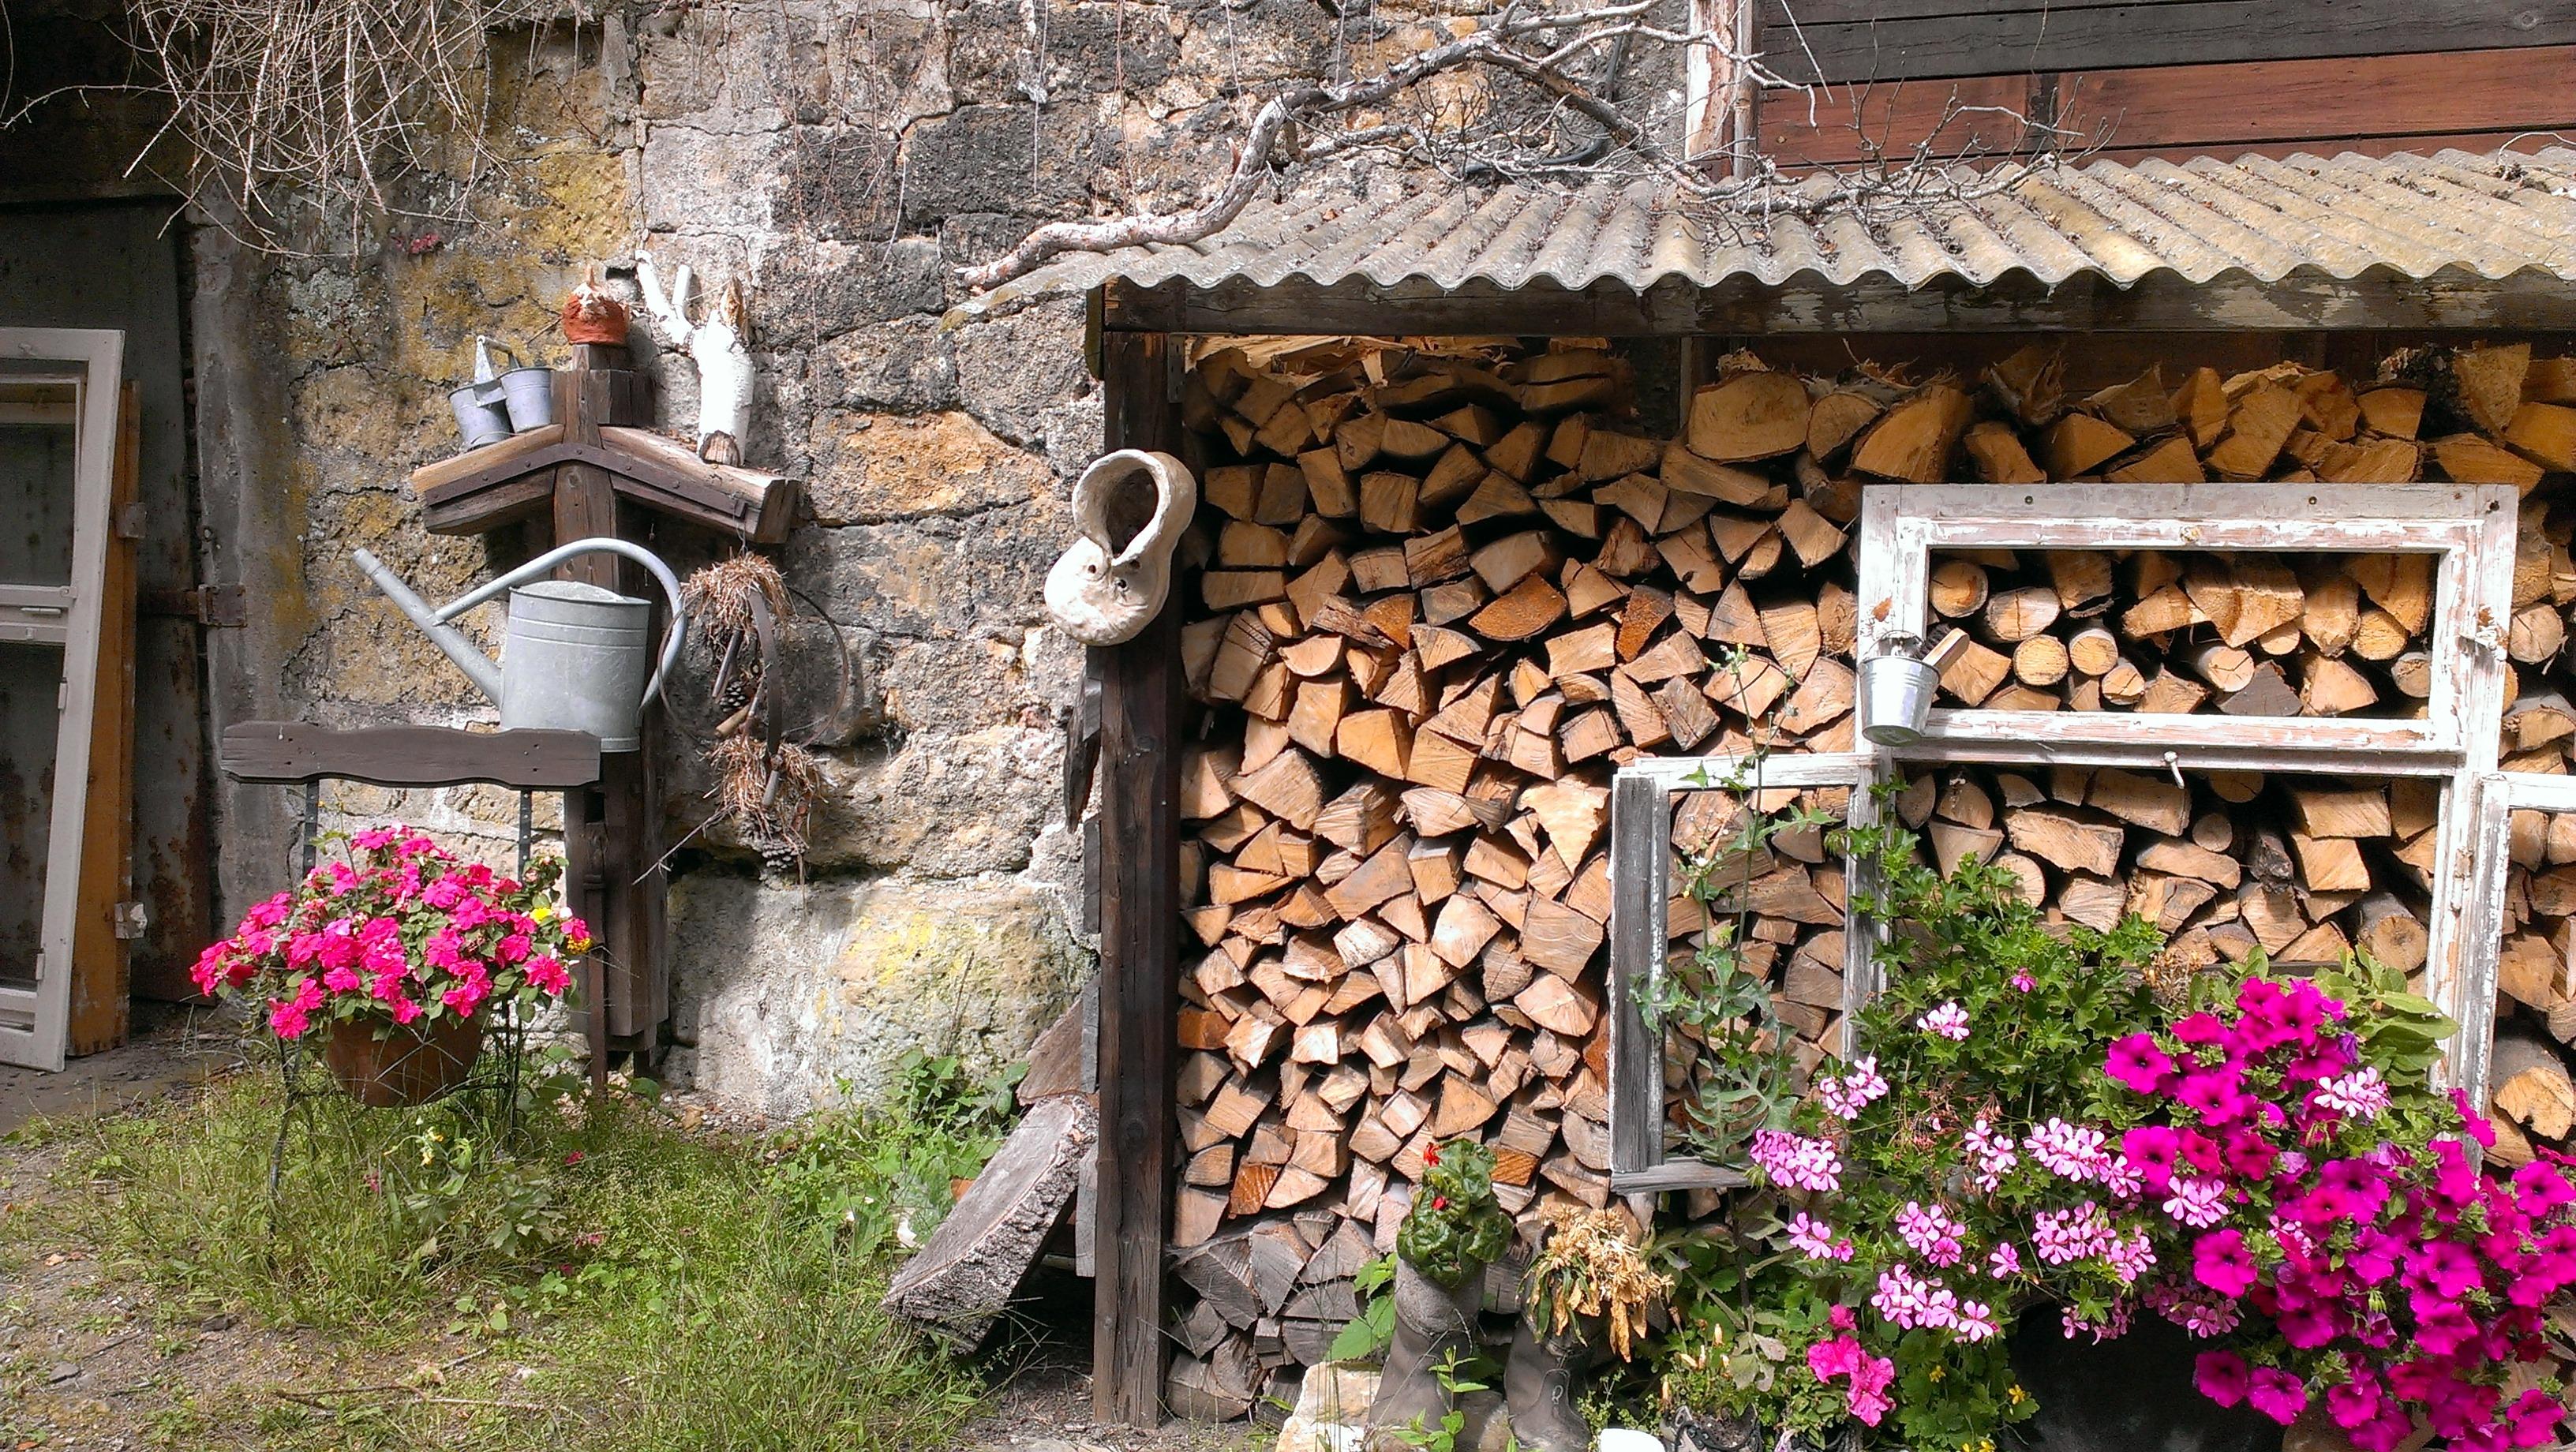 Wonderful Baum Pflanze Haus Blume Fenster Atmosphäre Dorf Dekoration Frühling Hütte  Romantik Fassade Steinwand Hintergrund Schönheit Sächsische